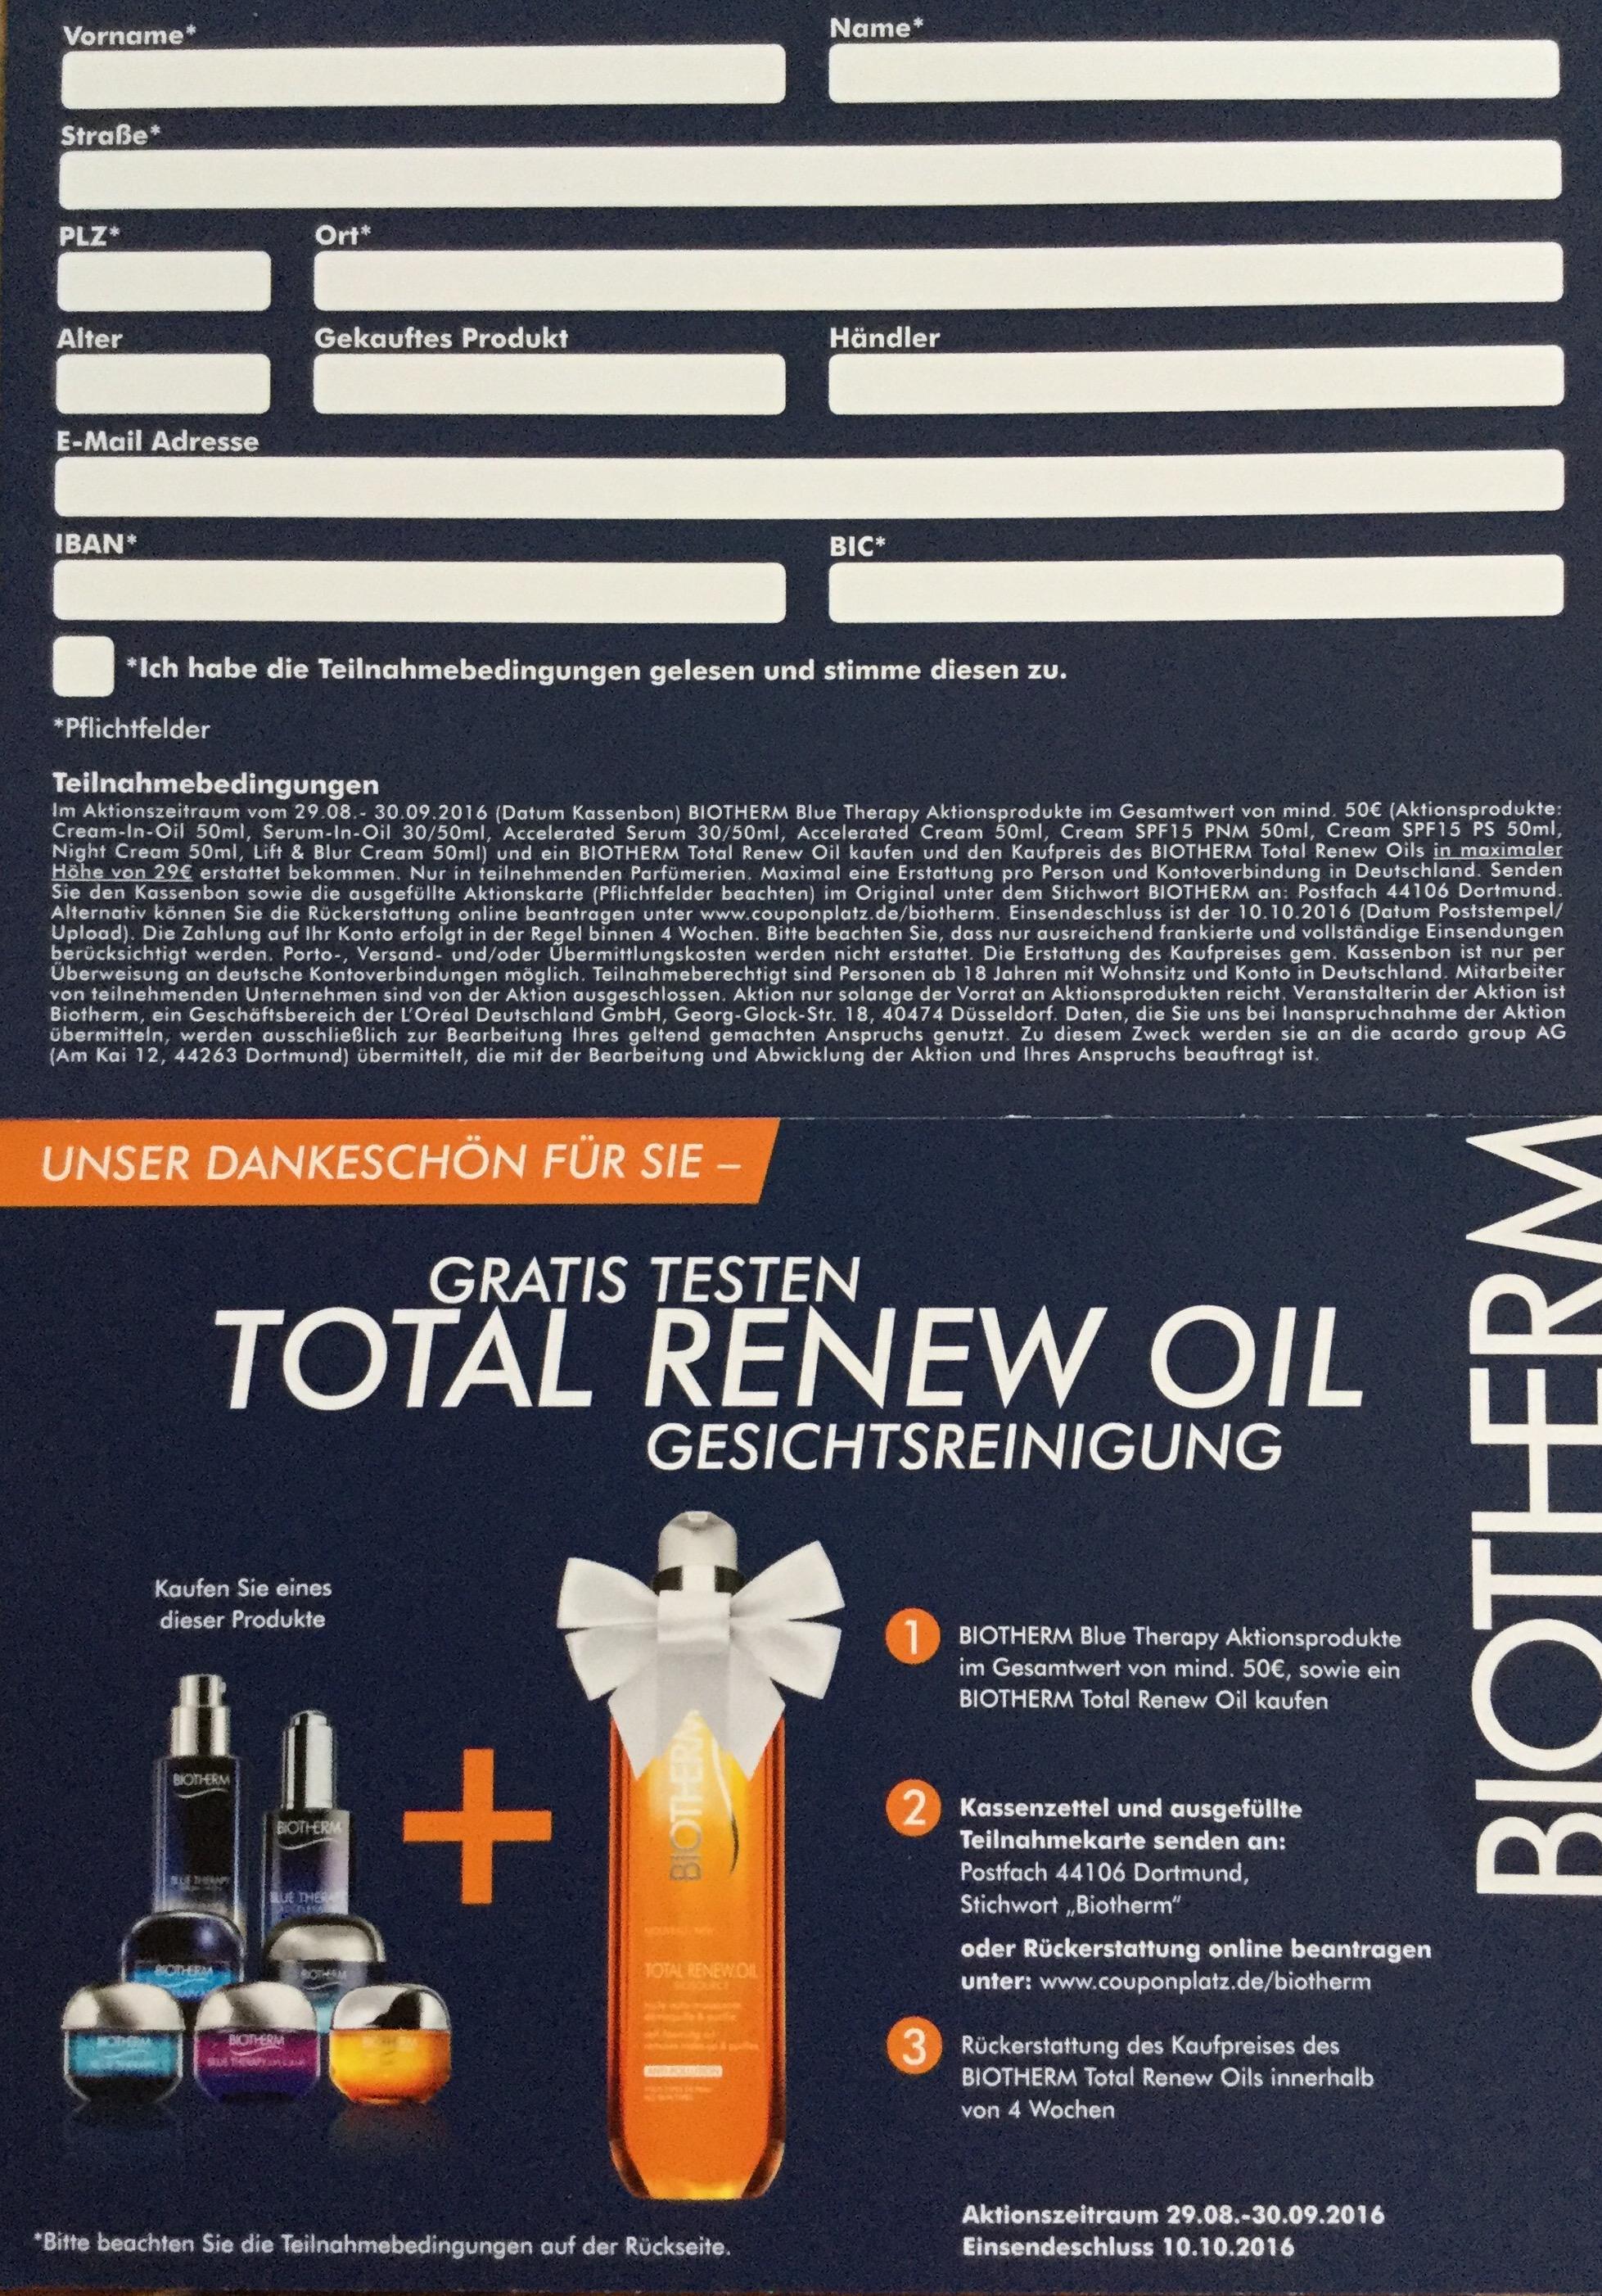 Geld zurück für Biotherm Total Renew Oil beim Kauf von weiteren Produkten im Wert von 50,- €